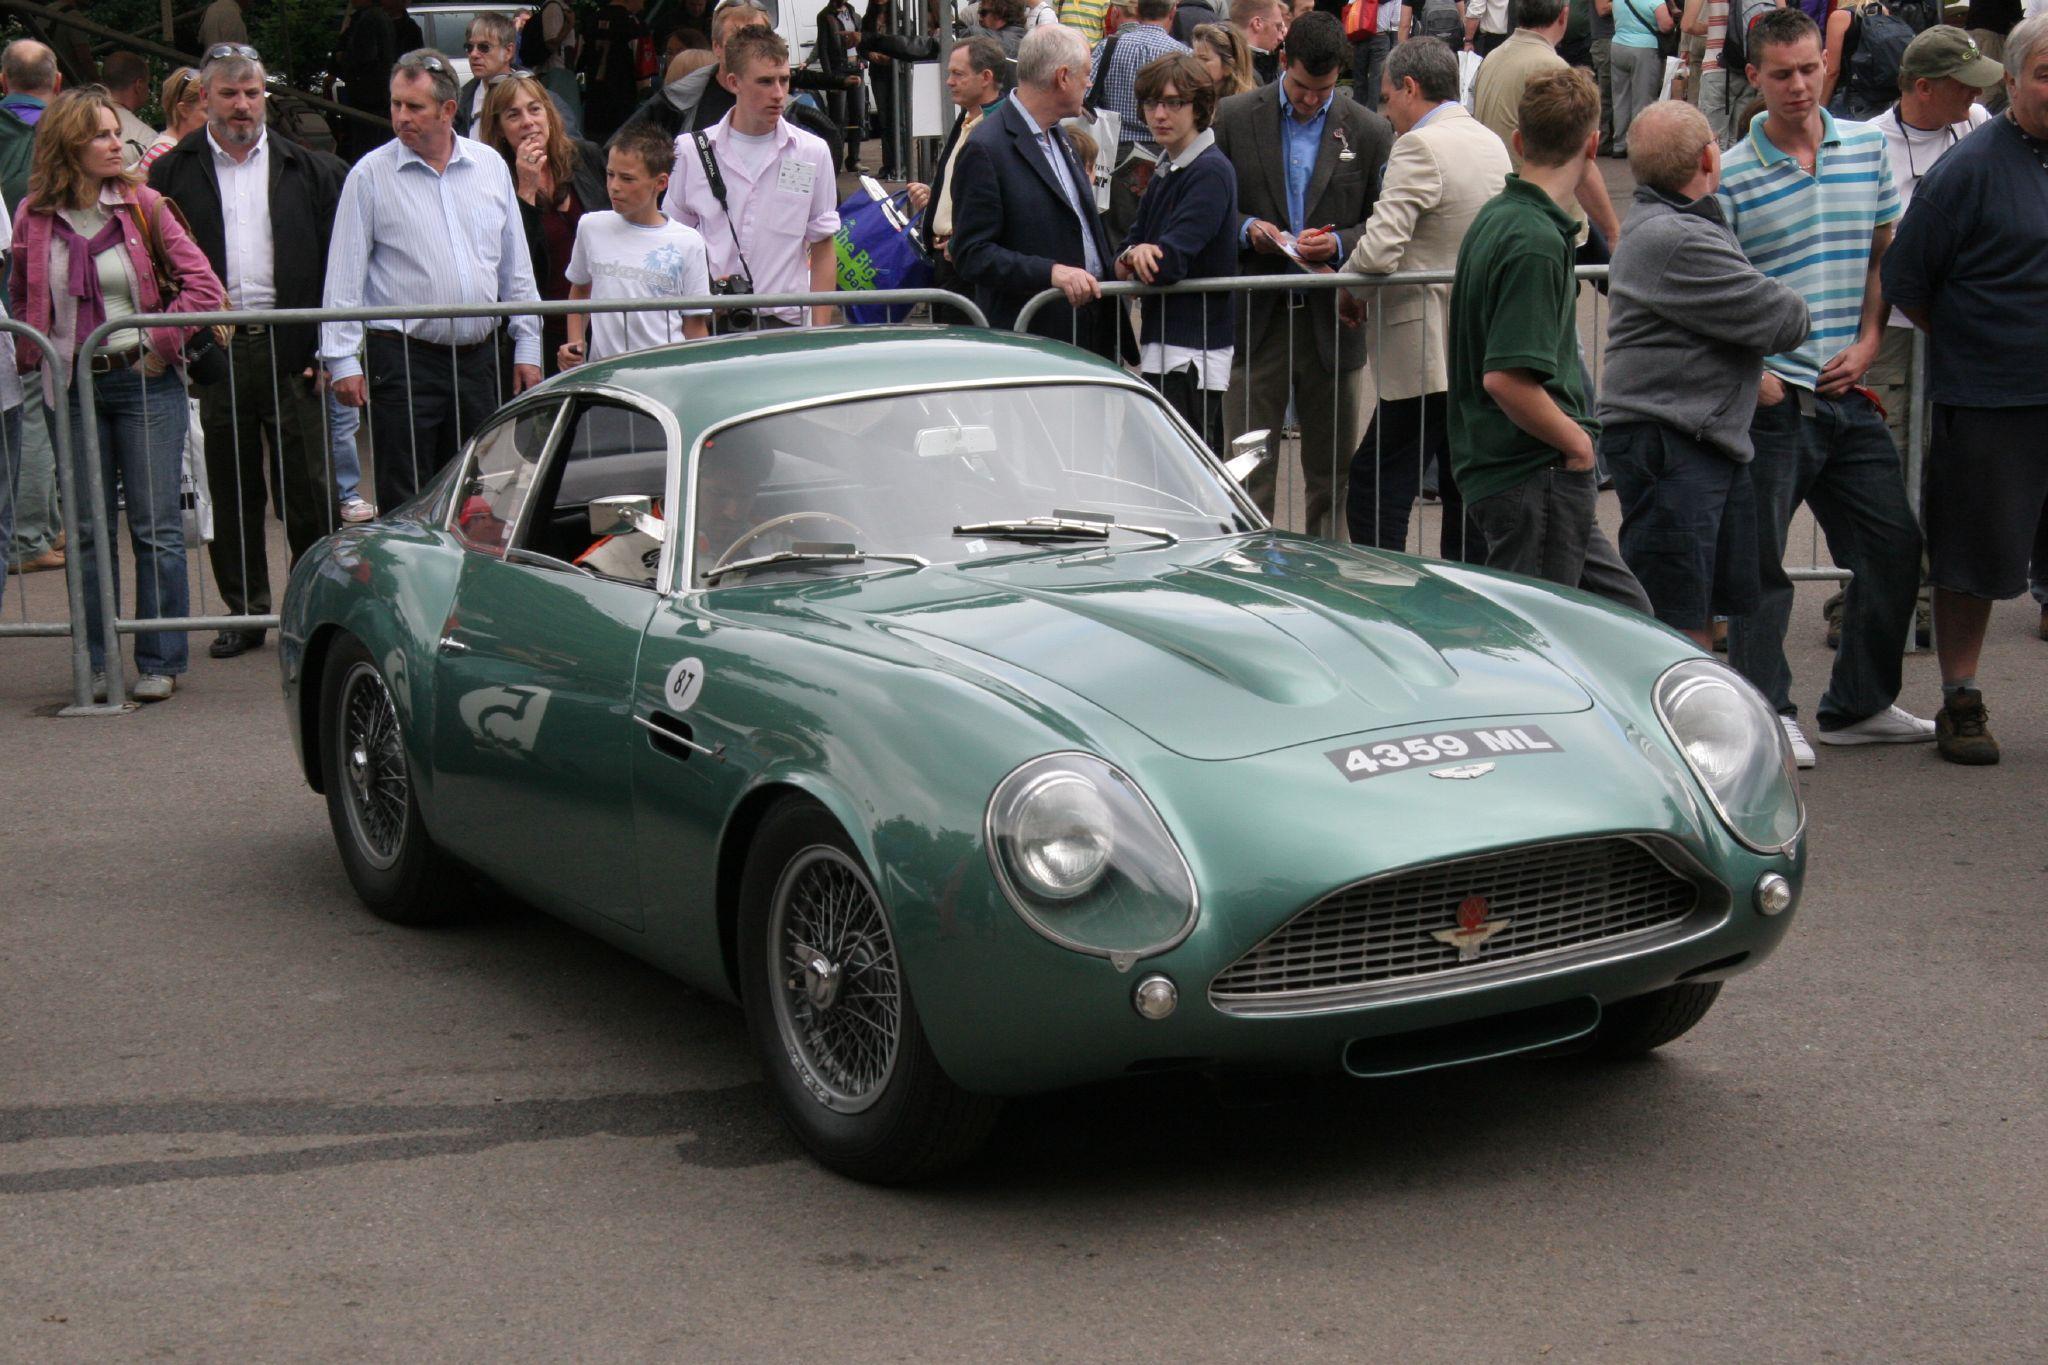 Aston Martin Db4 Gt Zagato Wikipedia La Enciclopedia Libre